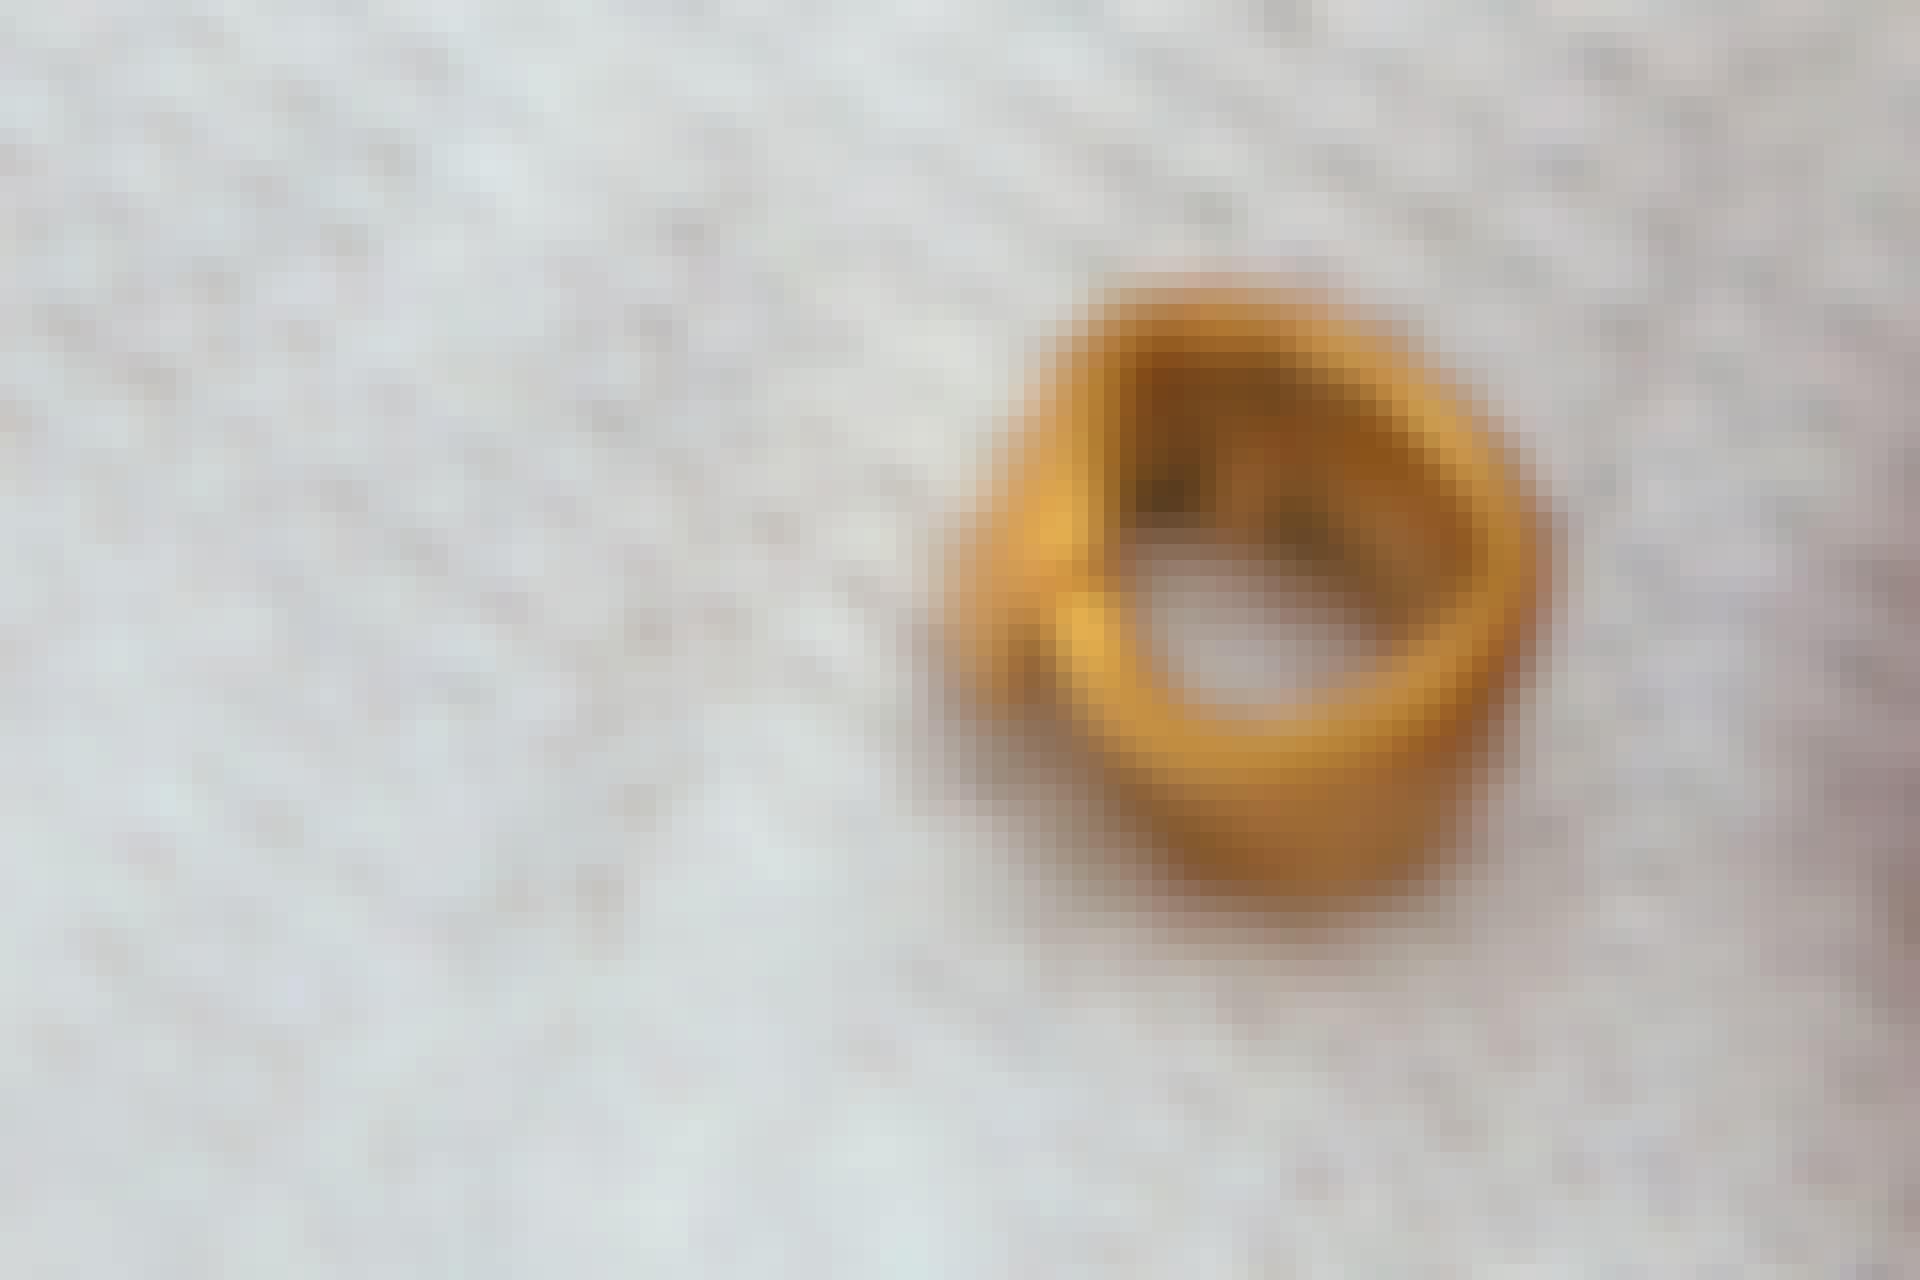 Guldperle